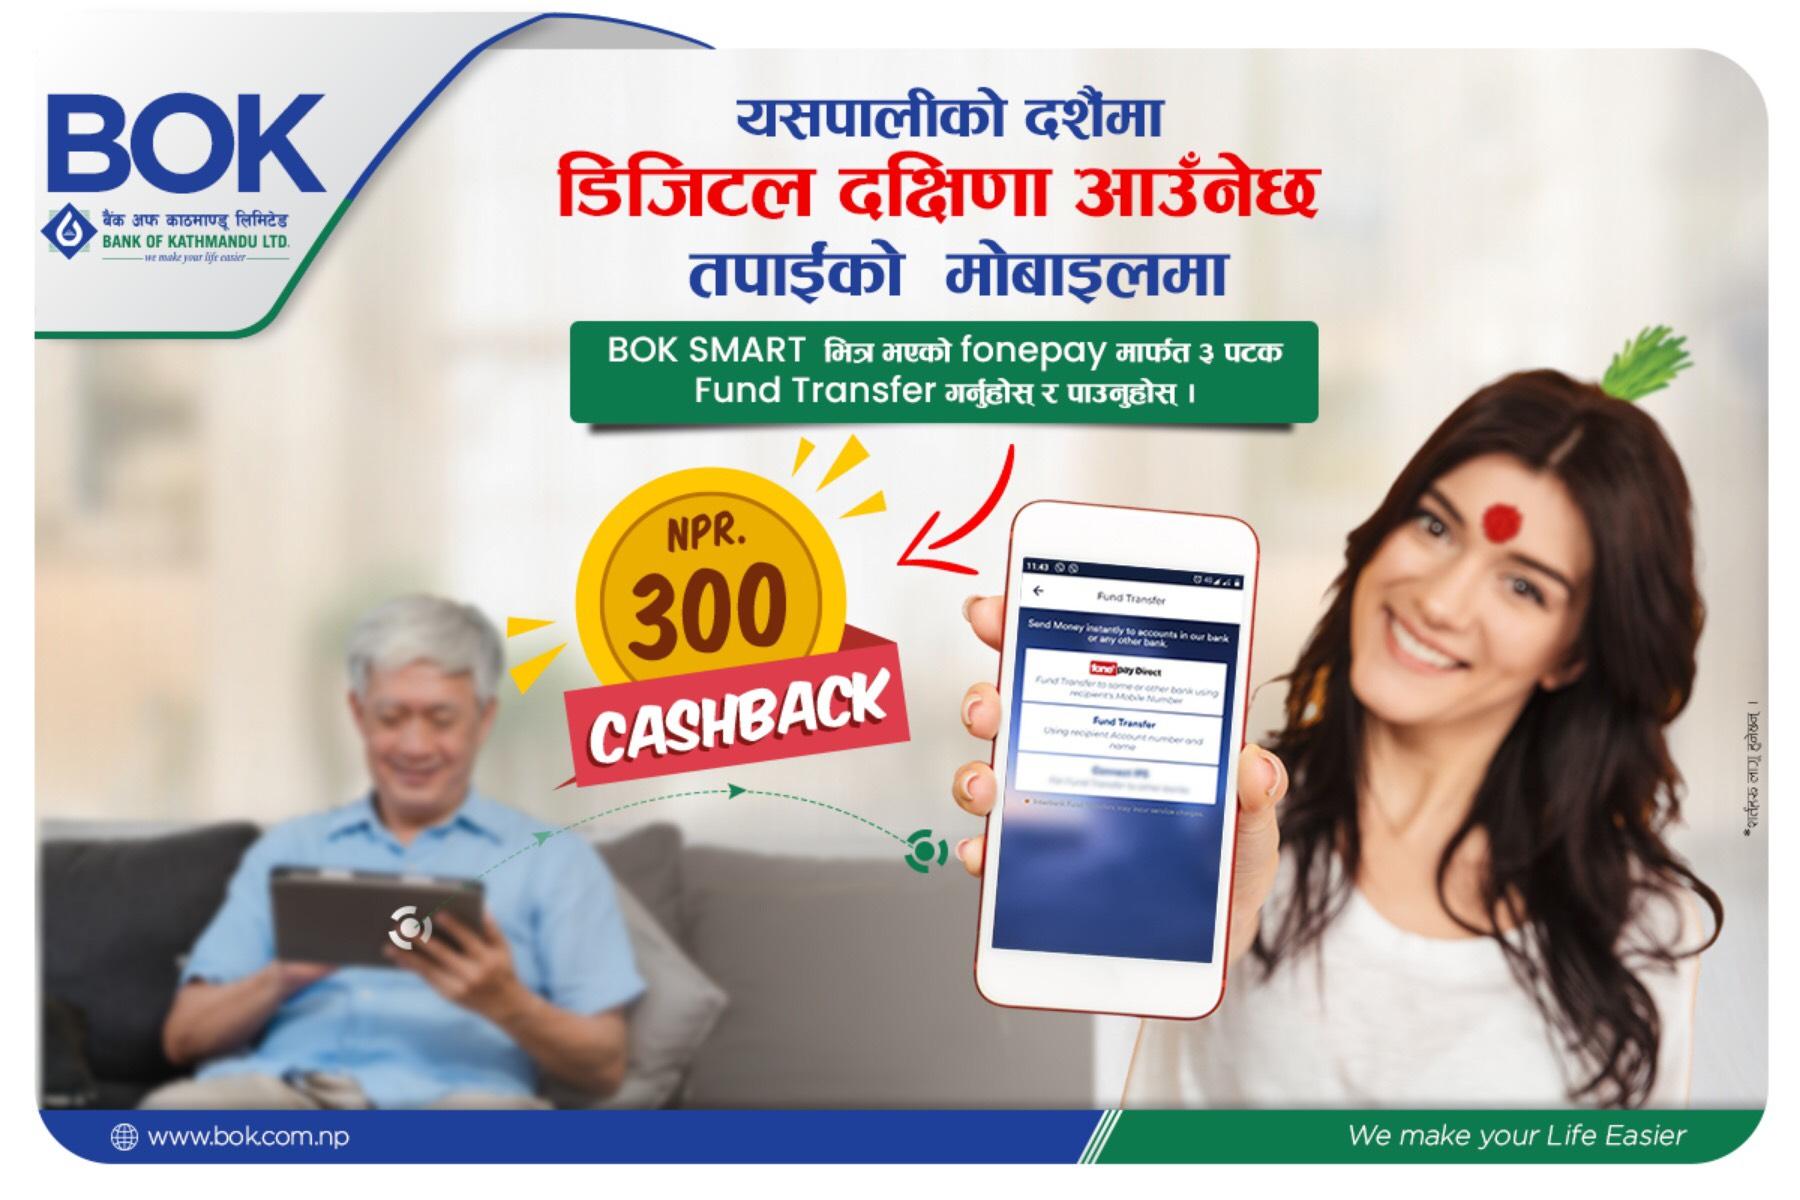 बैंक अफ काठमाण्डूको डिजिटल दक्षिणामा नगद उपहार